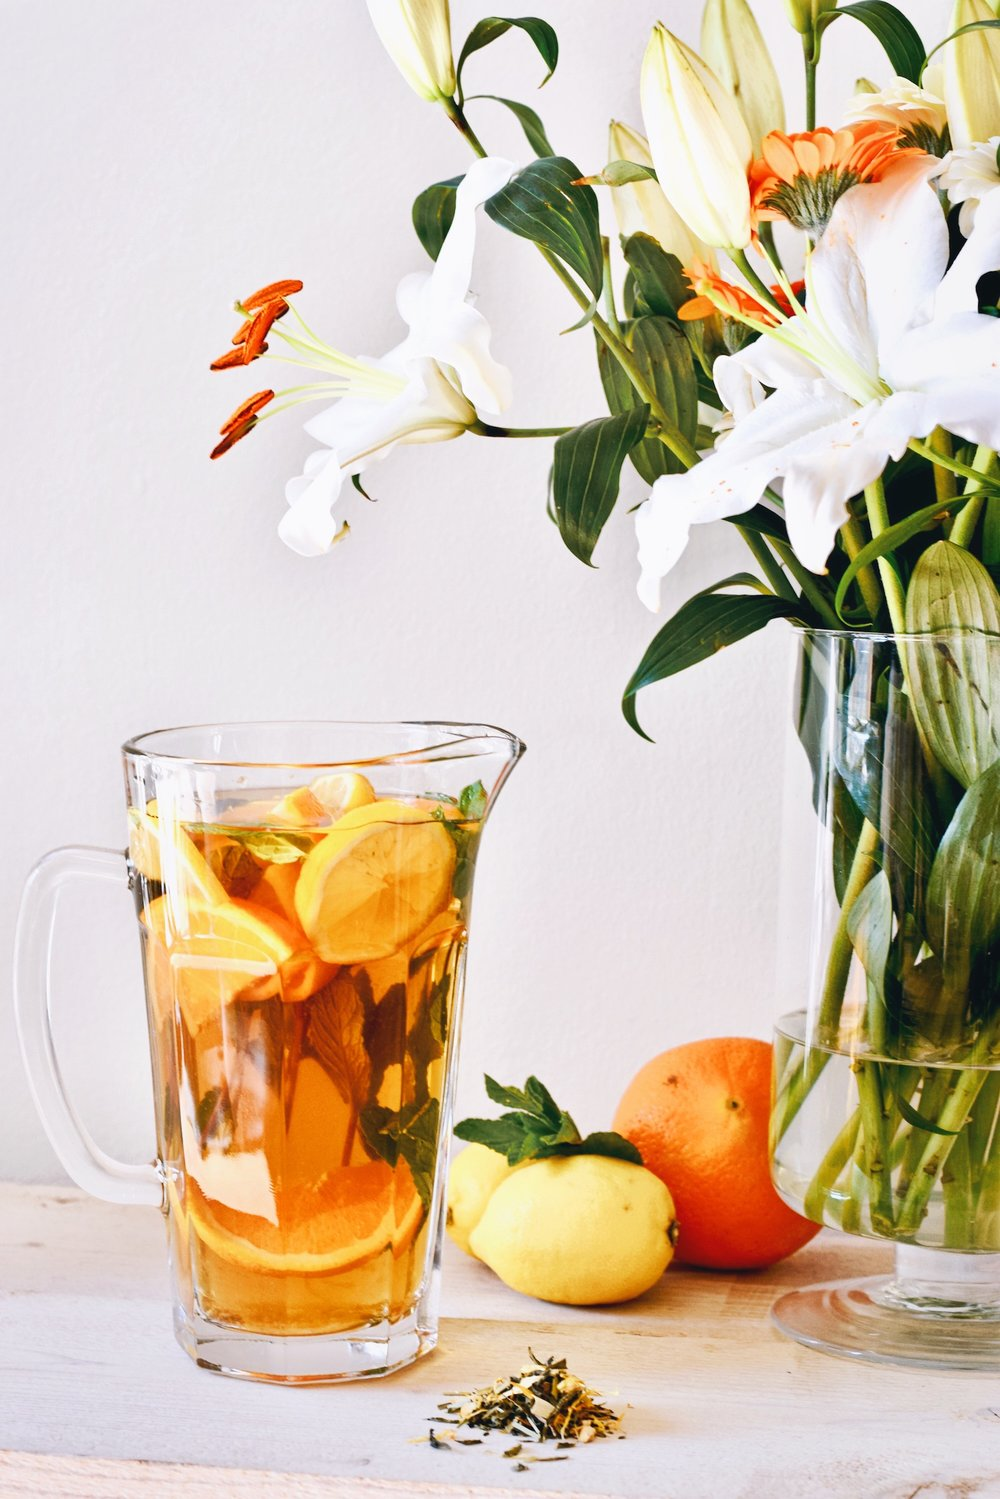 Favoriete gezonde iced tea recept | Simplici-Tea